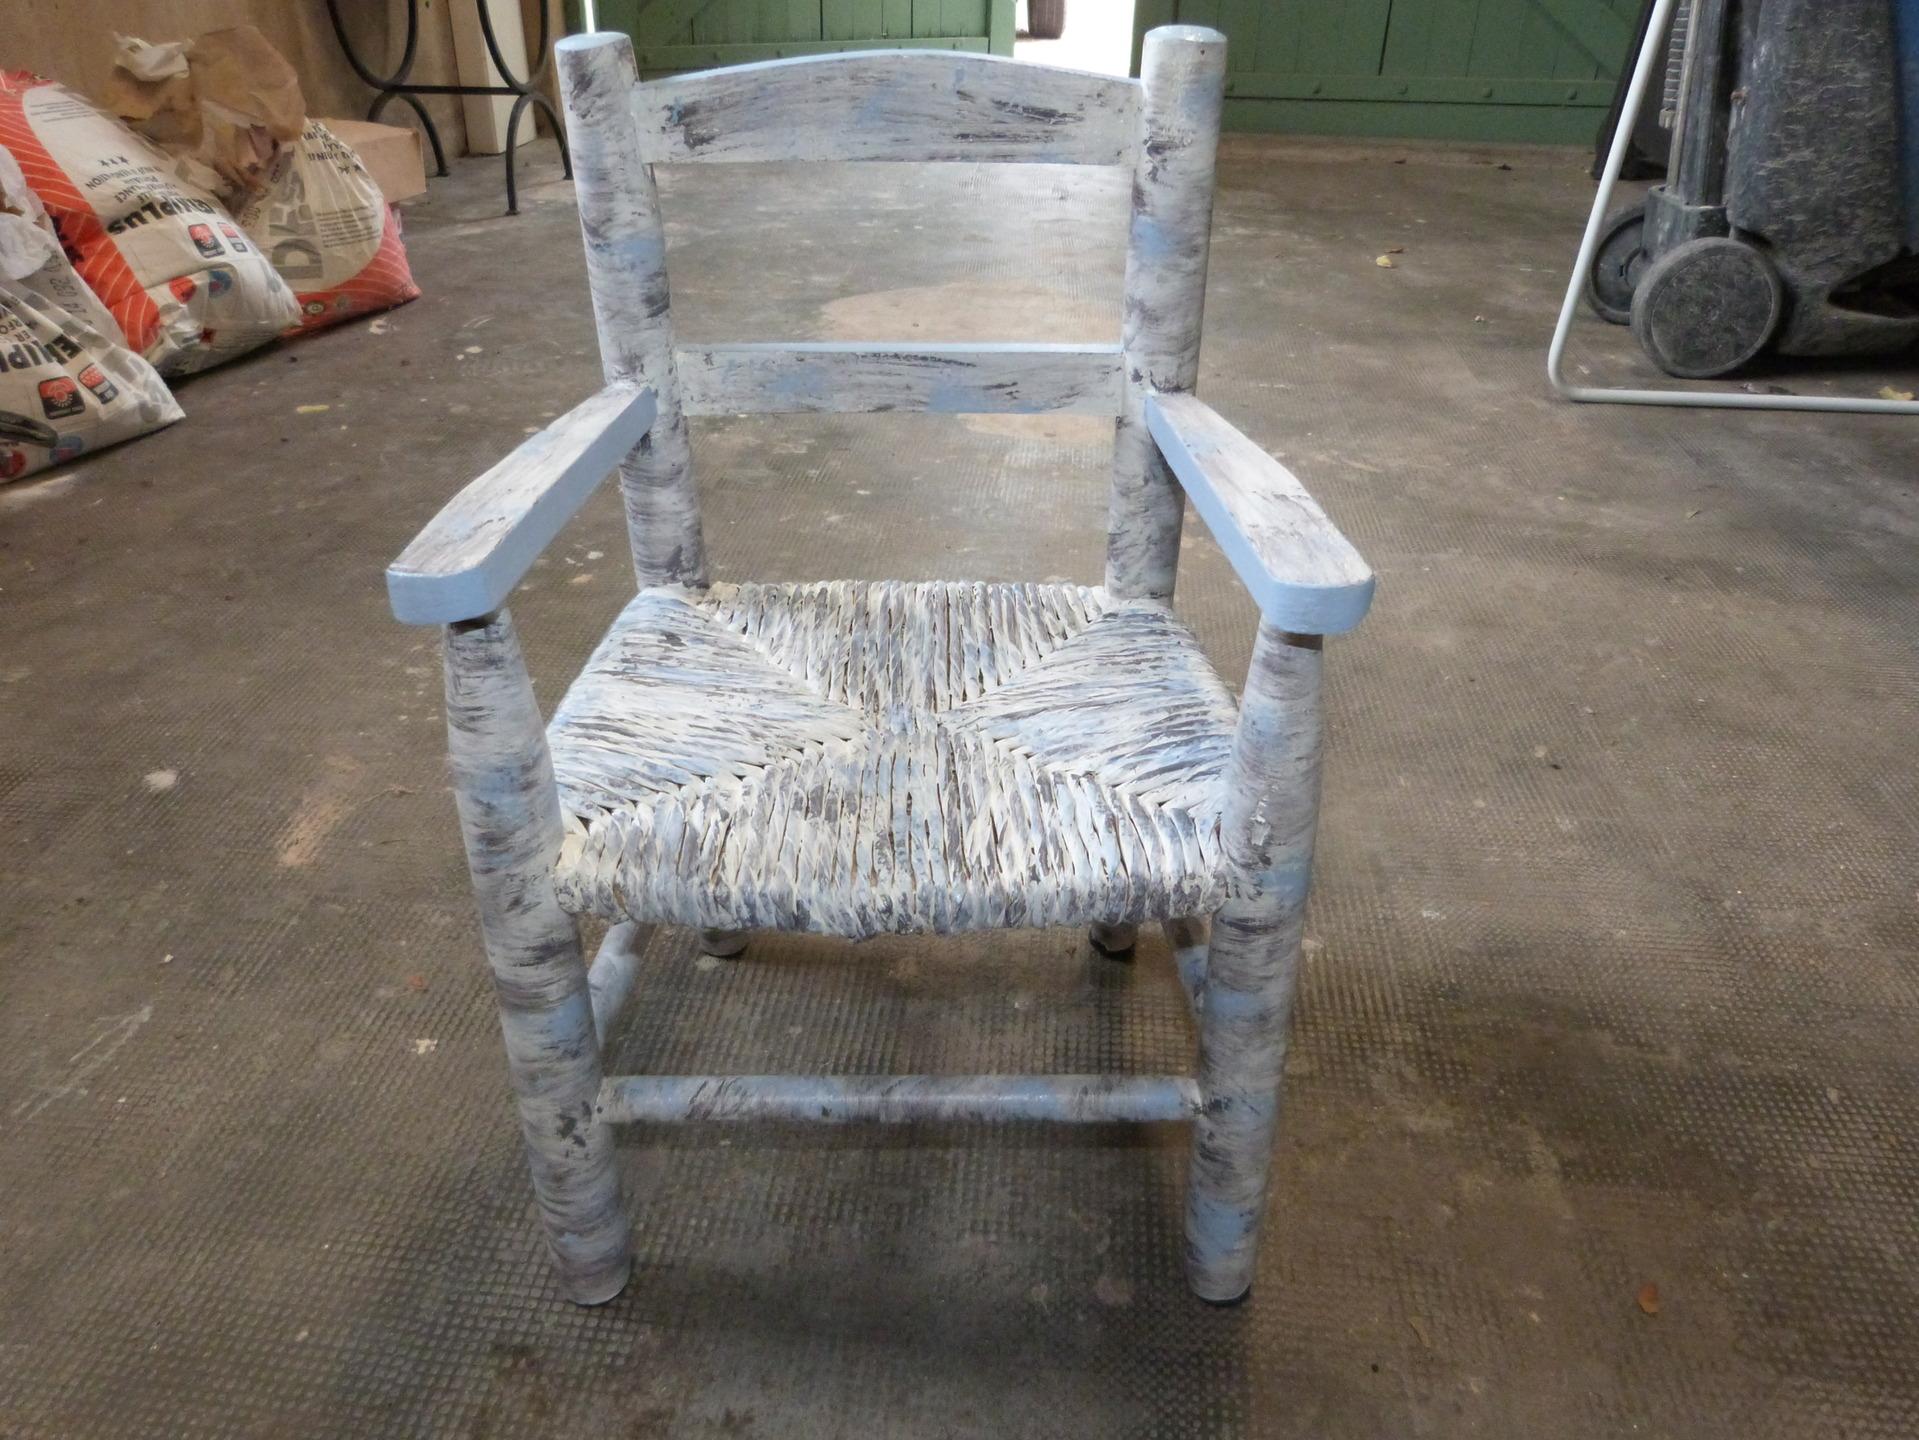 meubles-et-rangements-ancienne-petite-chaise-pour-enfant-9296081-p1030077-2e7b5-f6bad_big Meilleur De De Chaise Jardin Enfant Schème